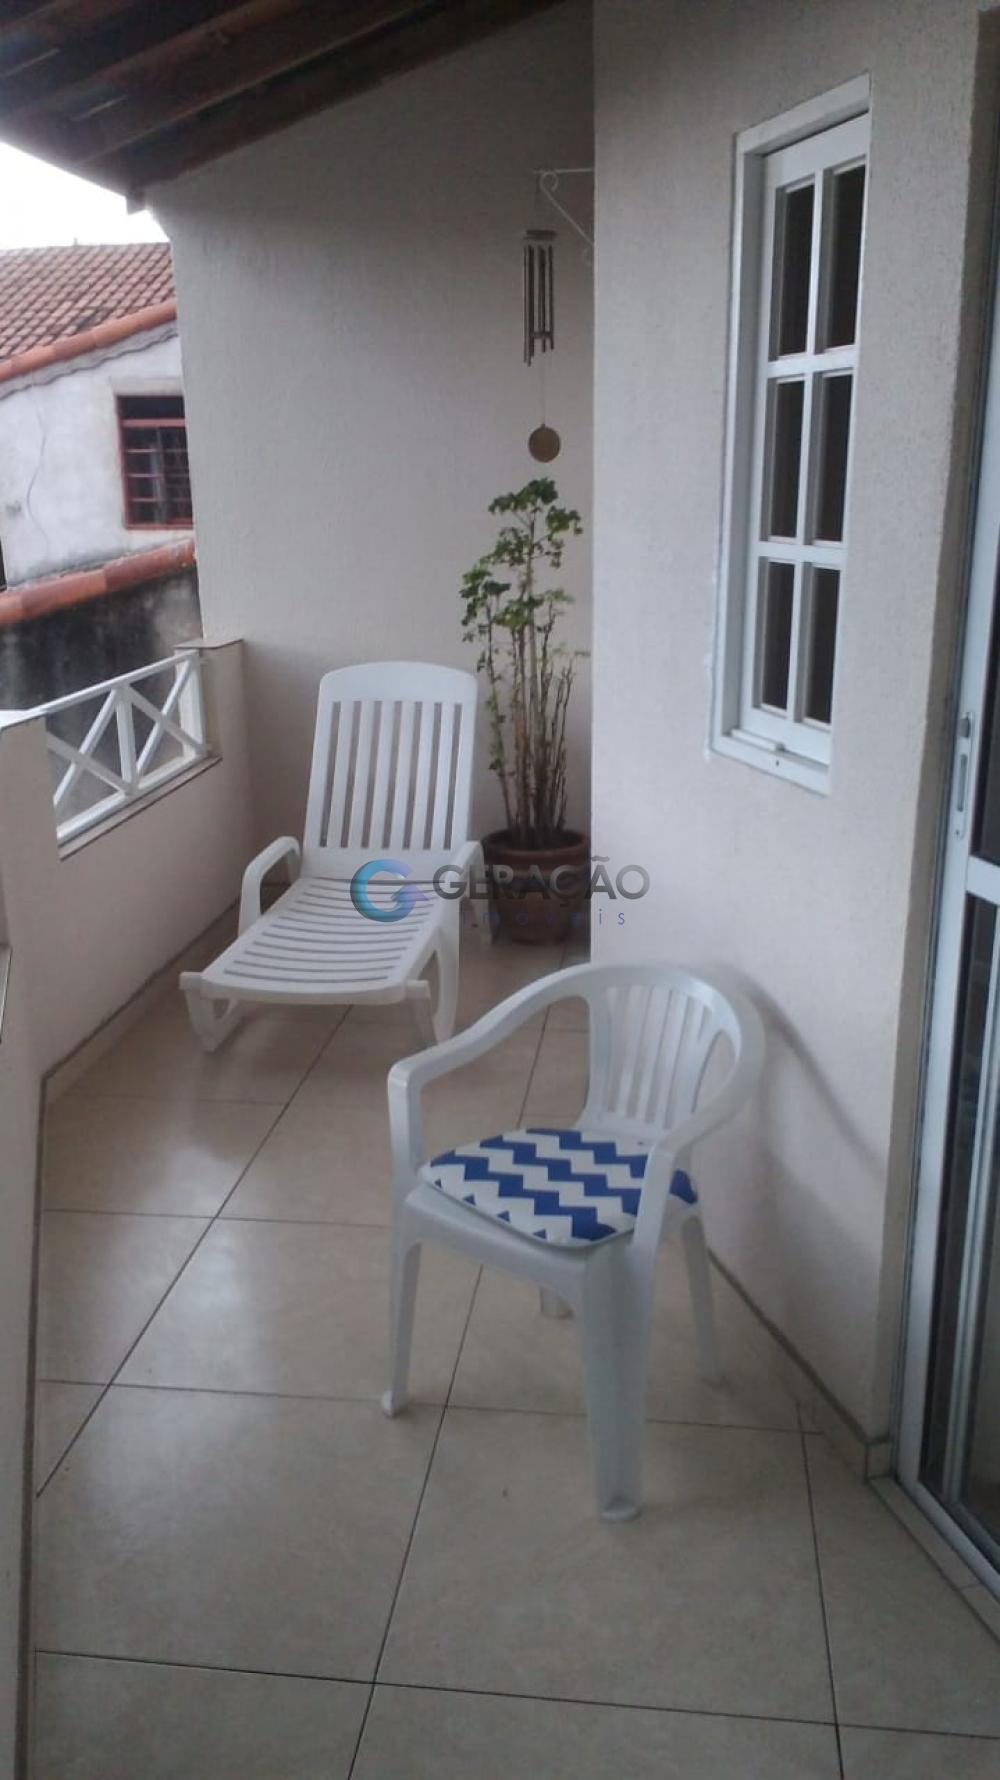 Comprar Casa / Sobrado em São José dos Campos R$ 450.000,00 - Foto 14